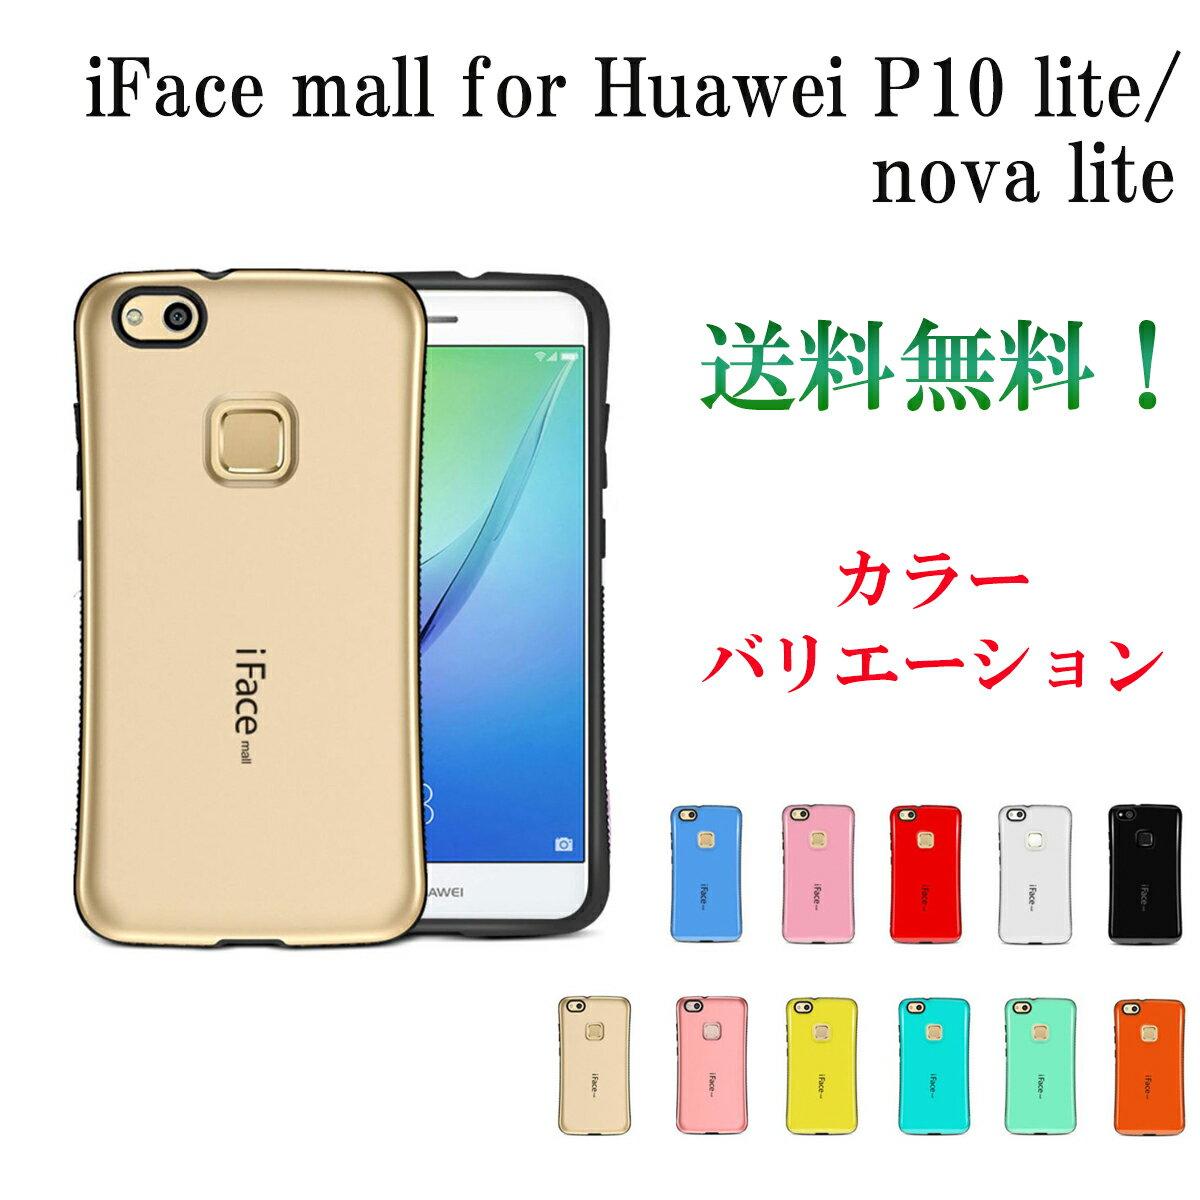 ▲送料無料!iFace mall Huawei P10 lite/Huaweinova liteケース、カバー高級感のあるP10ライトハードケースアイフェスモールファーウェイP10 Liteファーウェイノバライト耐衝撃 全11色